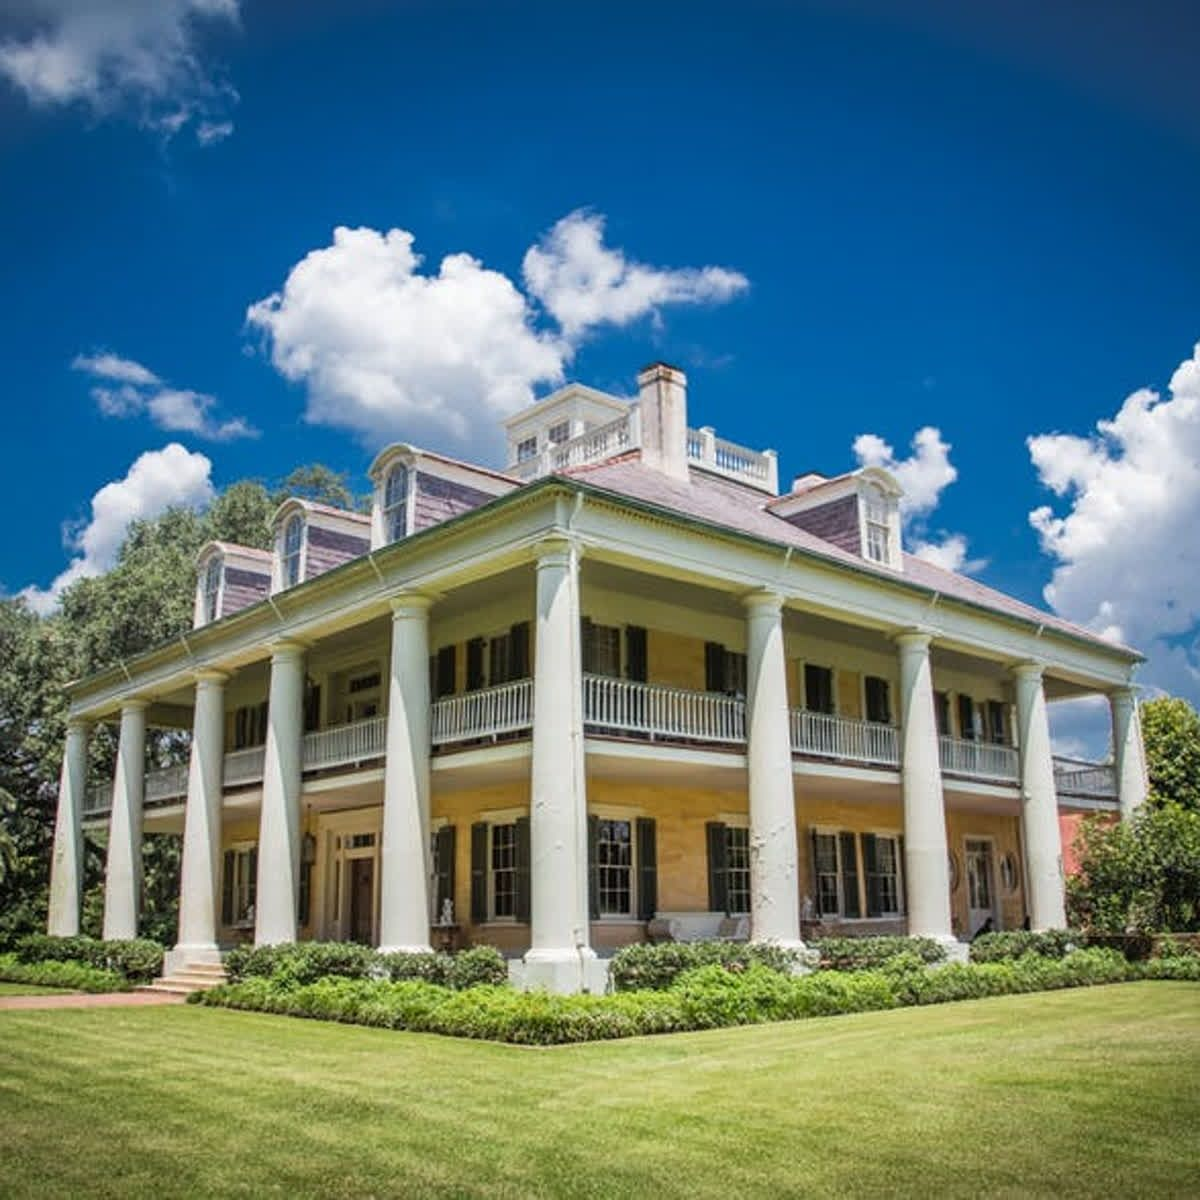 0e4c6611d254abc947eced1282defcb1 - Houmas House Plantation And Gardens Louisiana